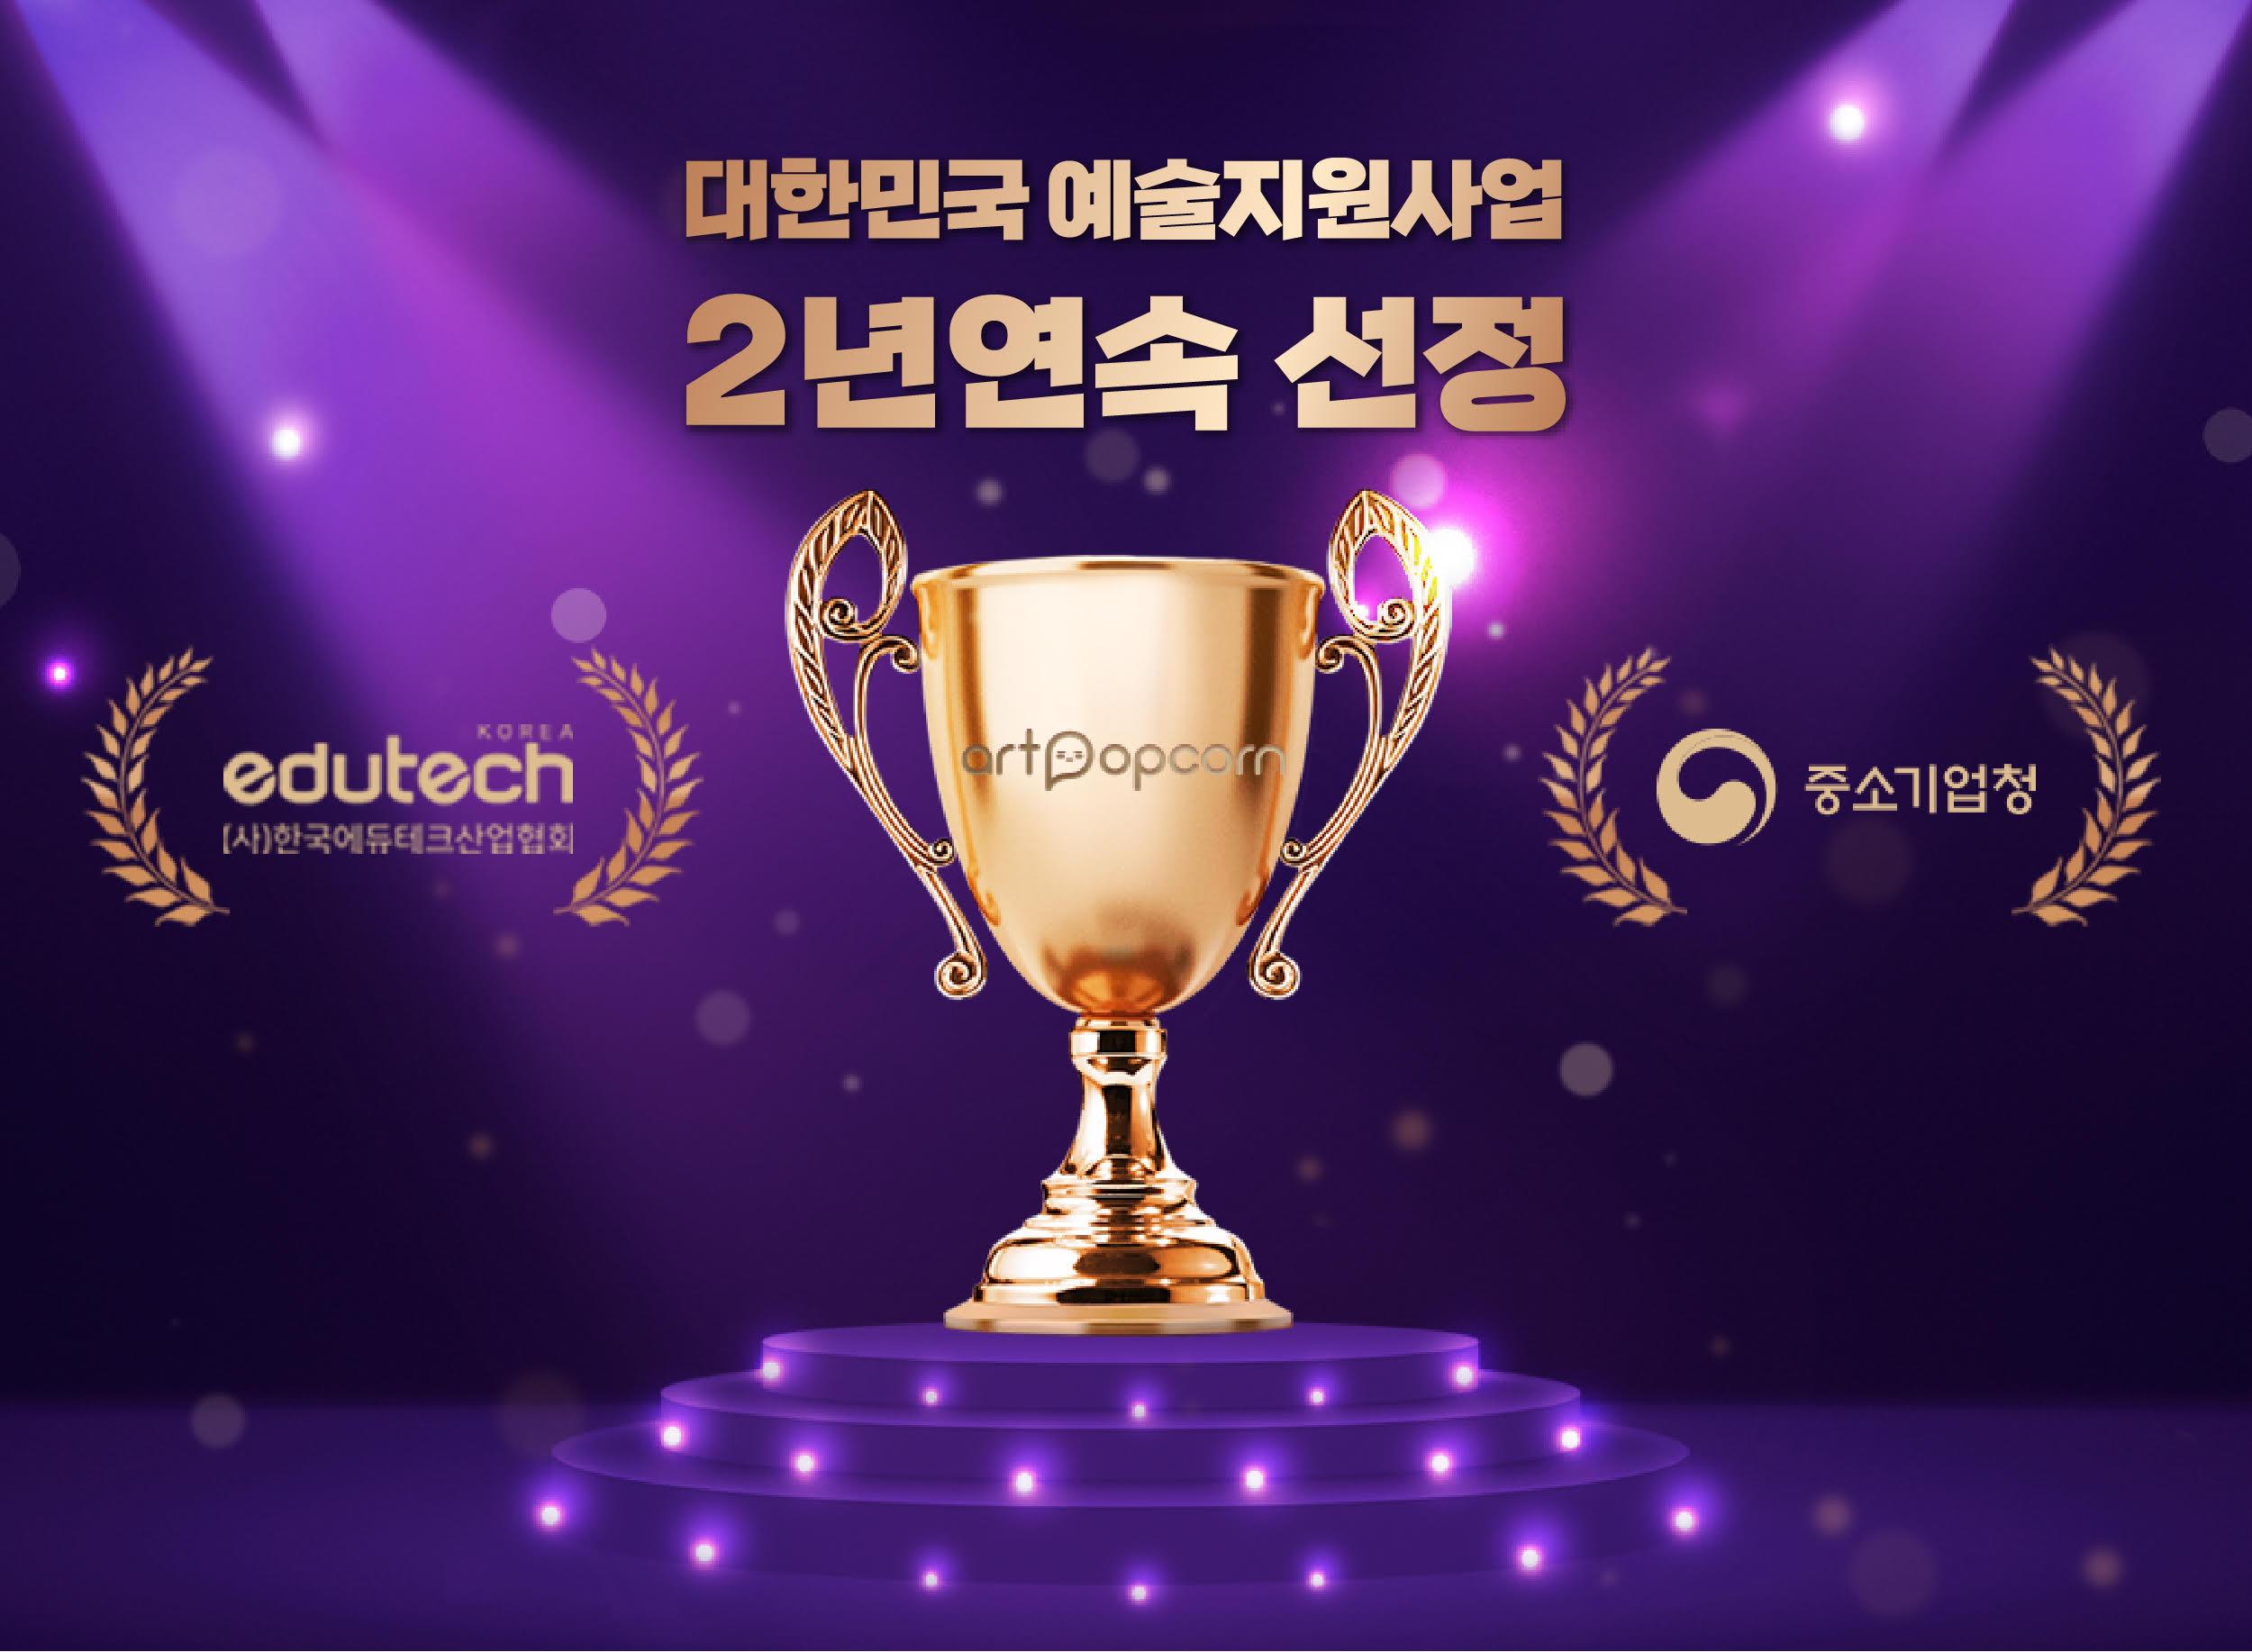 대한민국 예술지원사업  아트팝콘 2년연속 선정